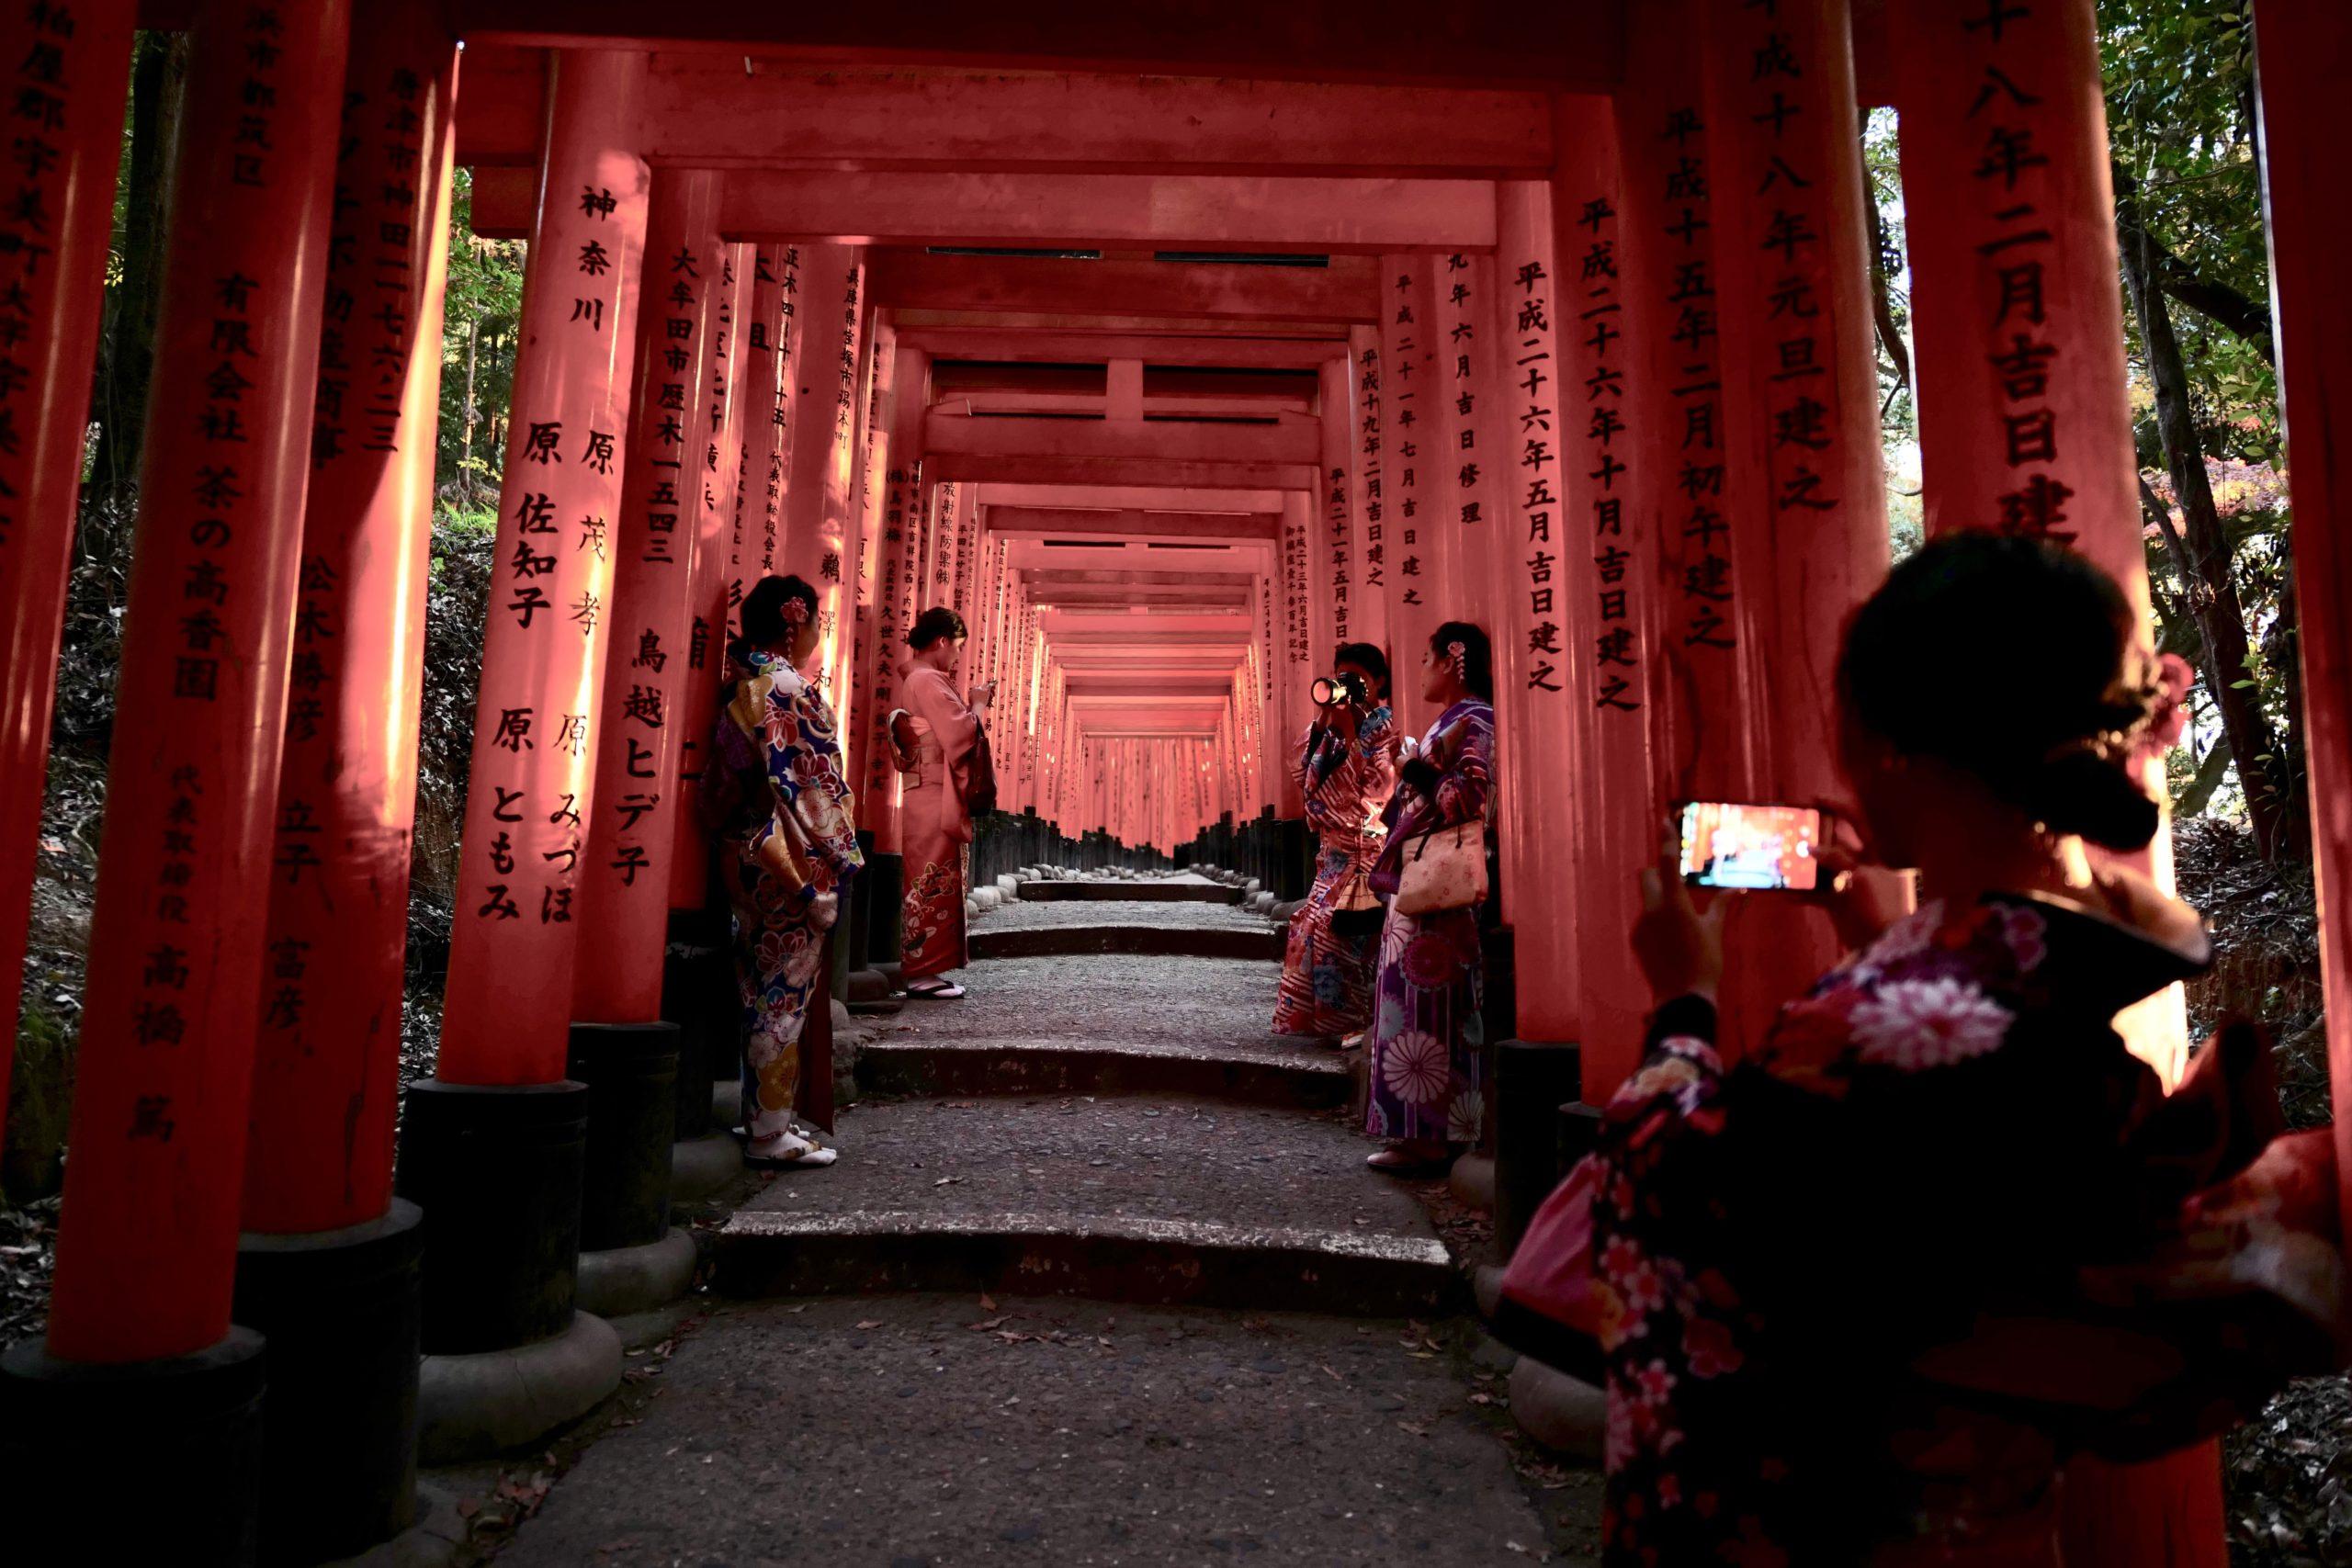 日本人は自己暗示を多く活用する民族